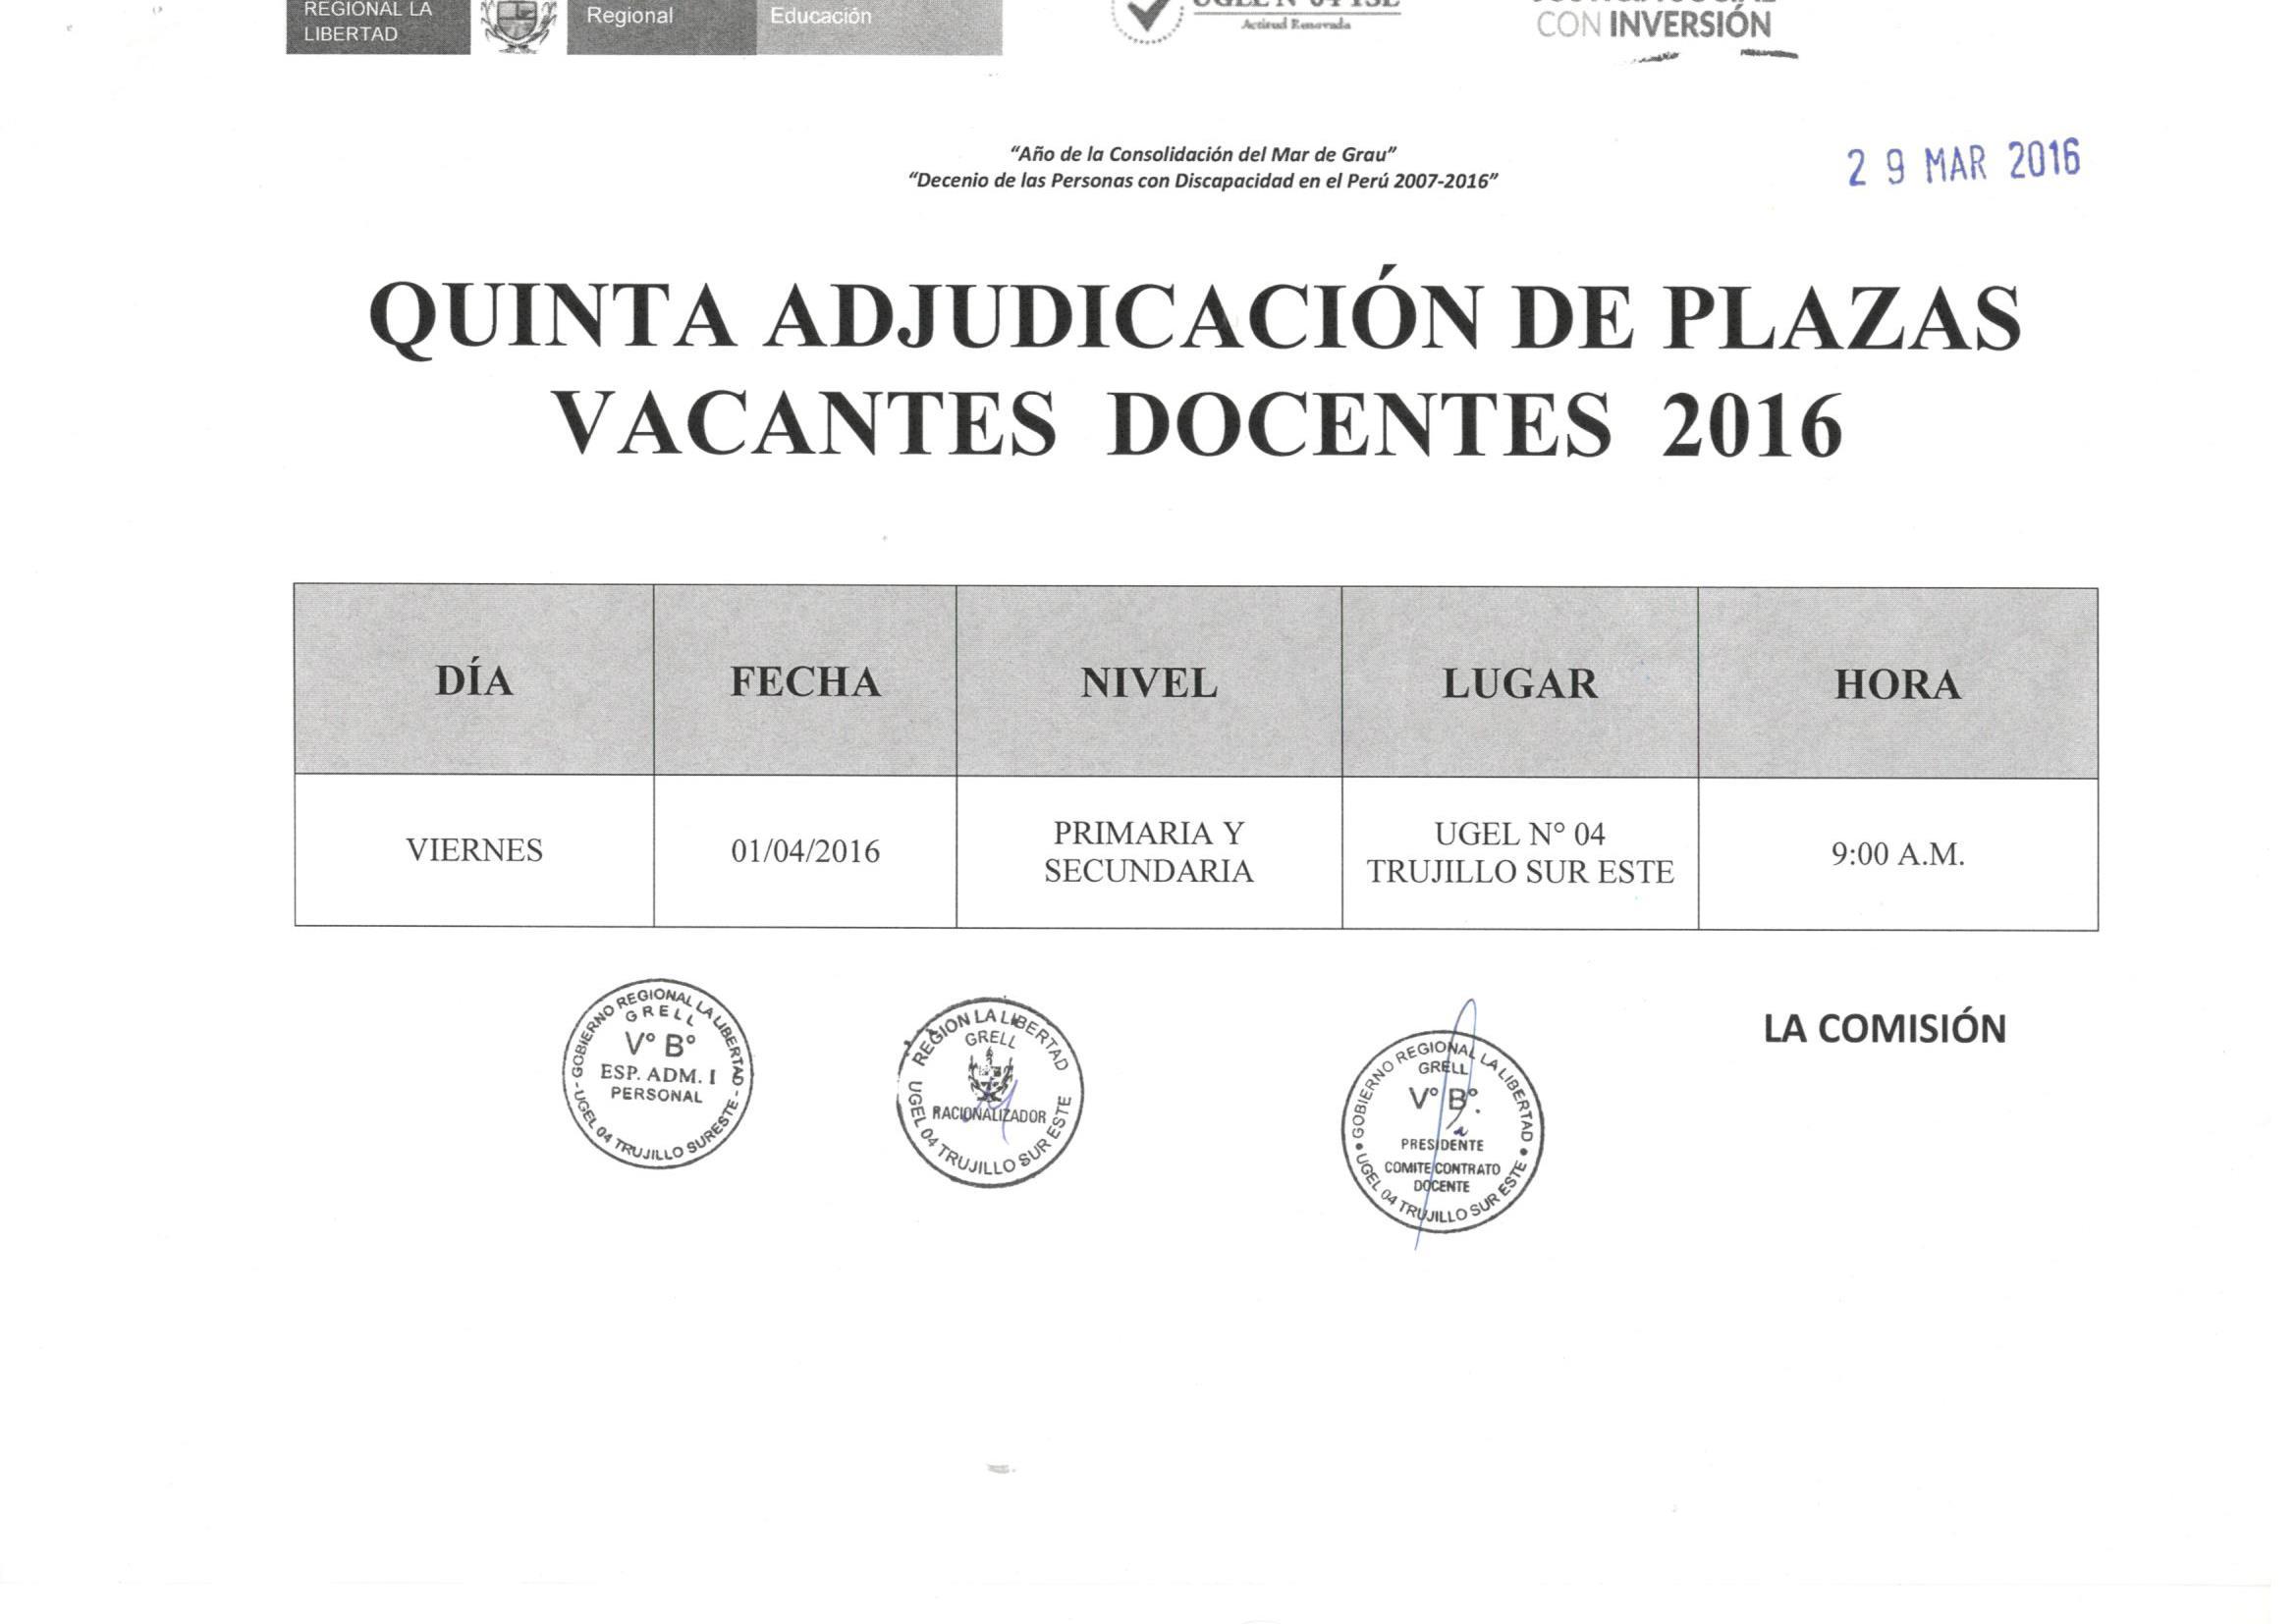 Quinta adjudicaci n y relaci n de plazas vacantes docentes Convocatoria para las plazas docentes 2016